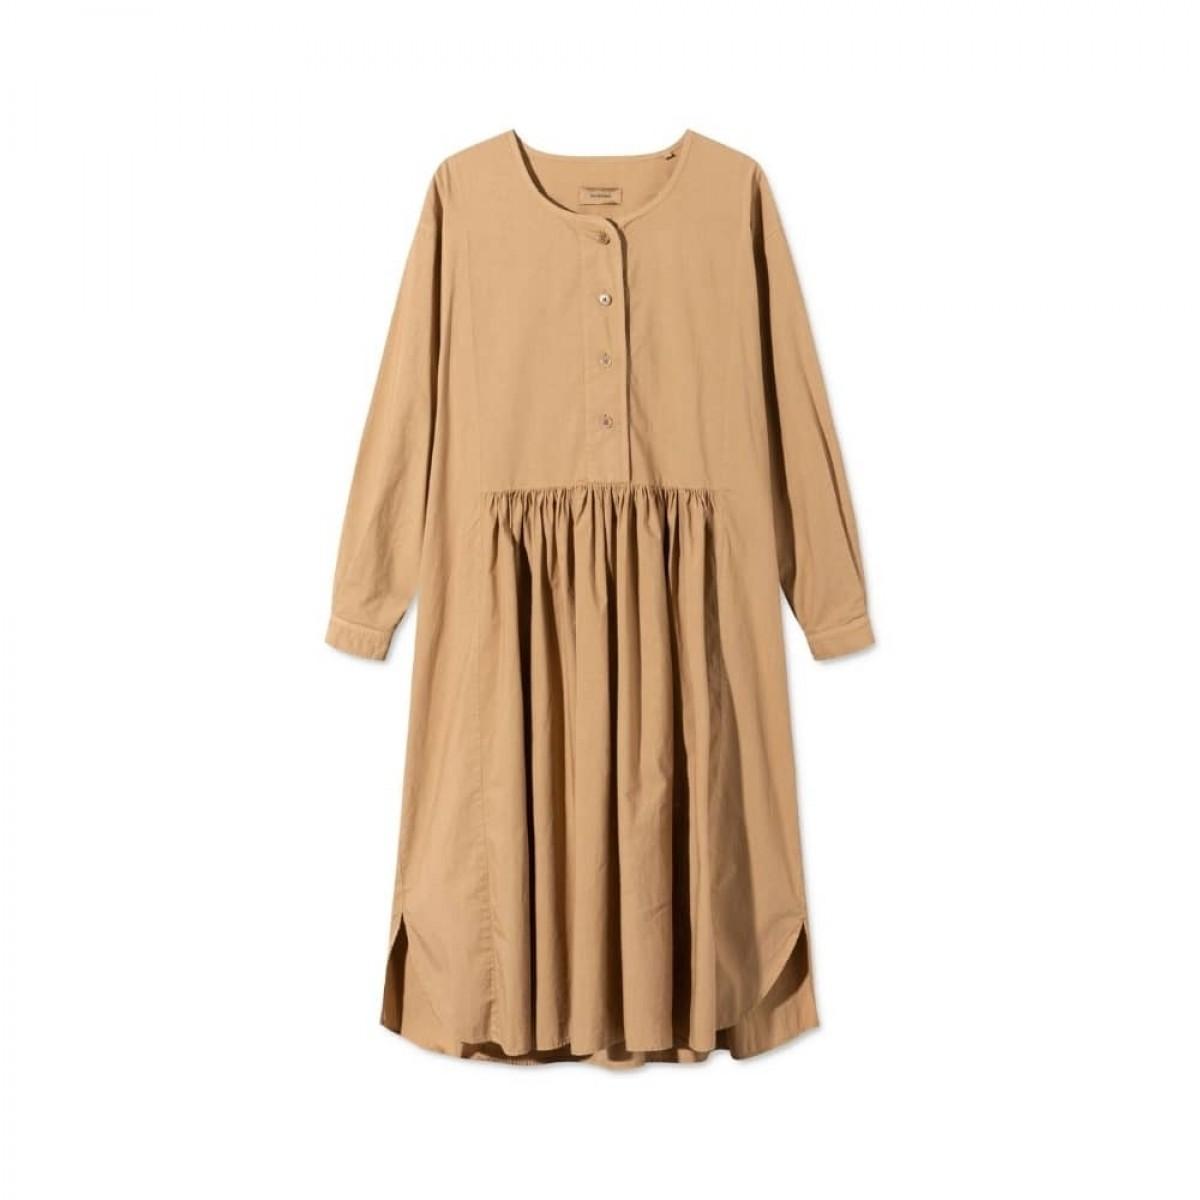 dixie kjole - light brown